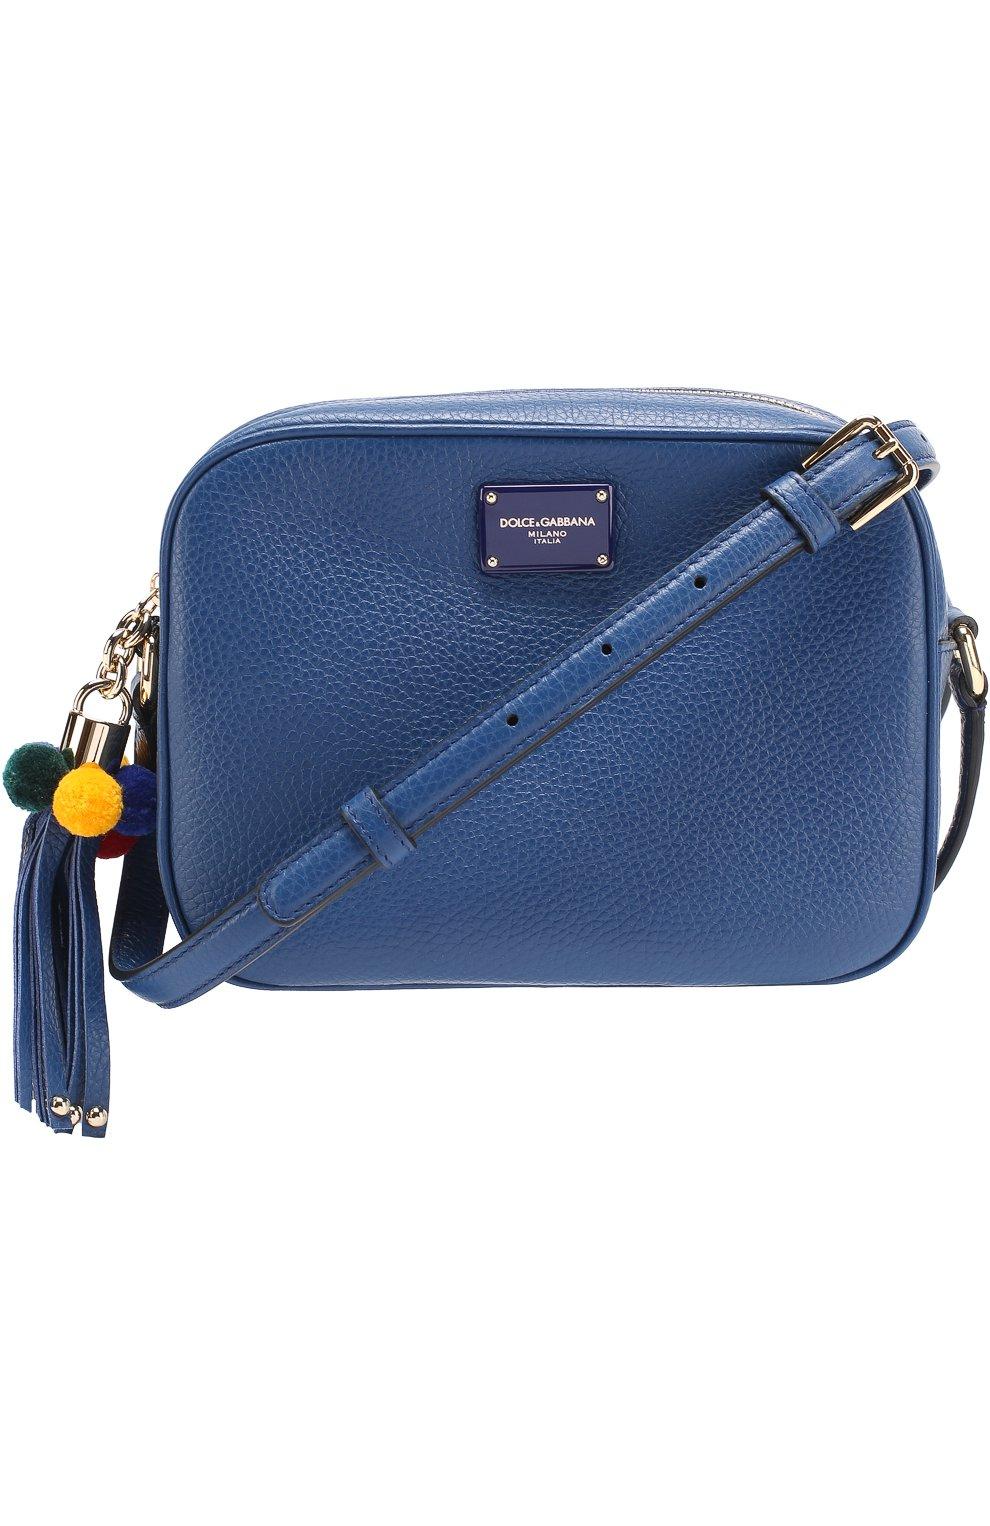 Сумка Glam Dolce & Gabbana синяя цвета | Фото №3